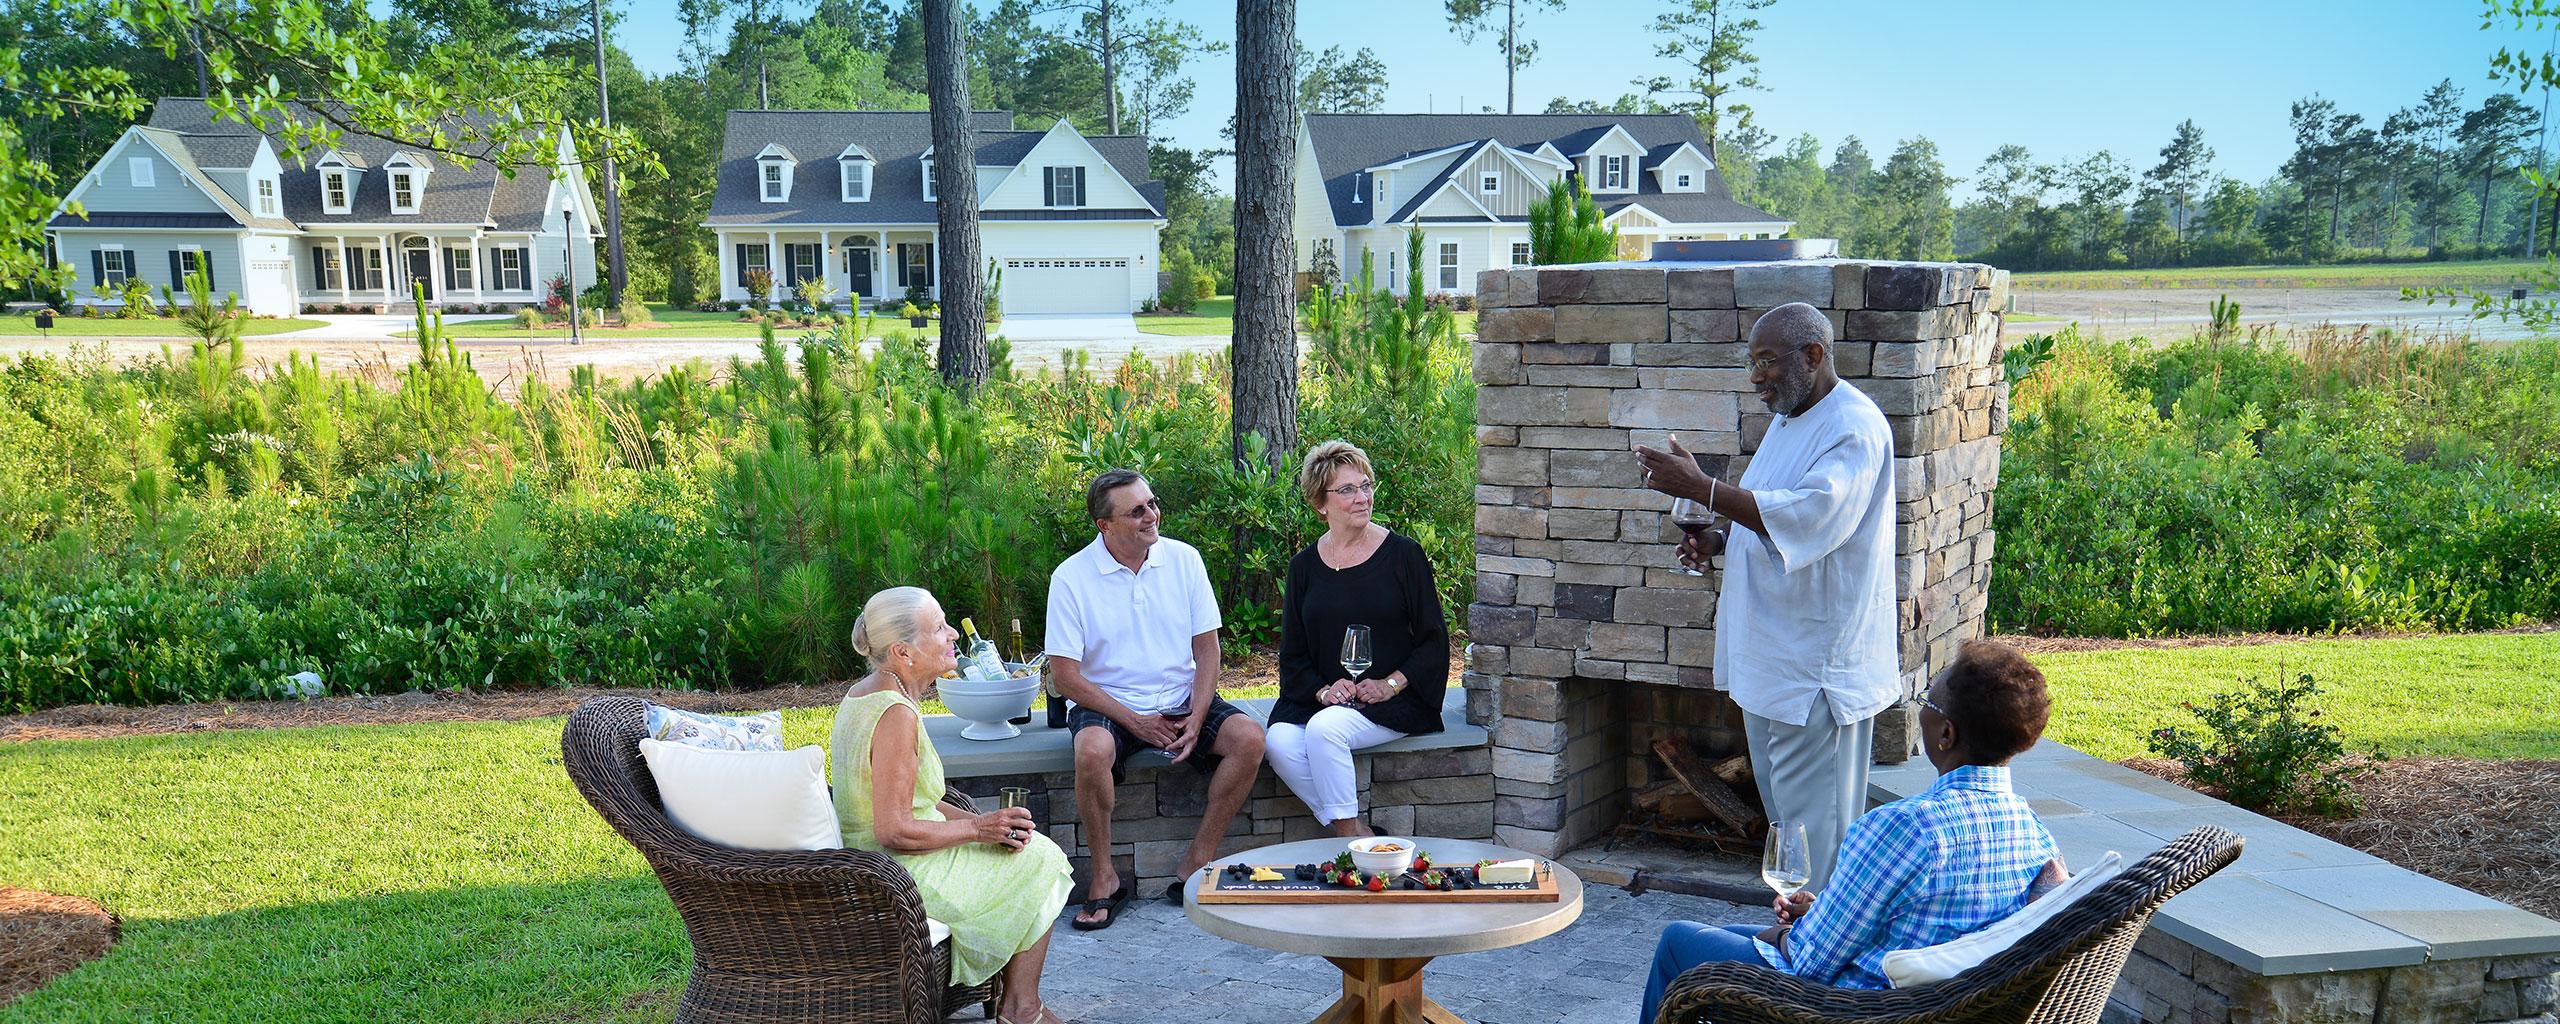 Neighbors having drinks near outside fireplace